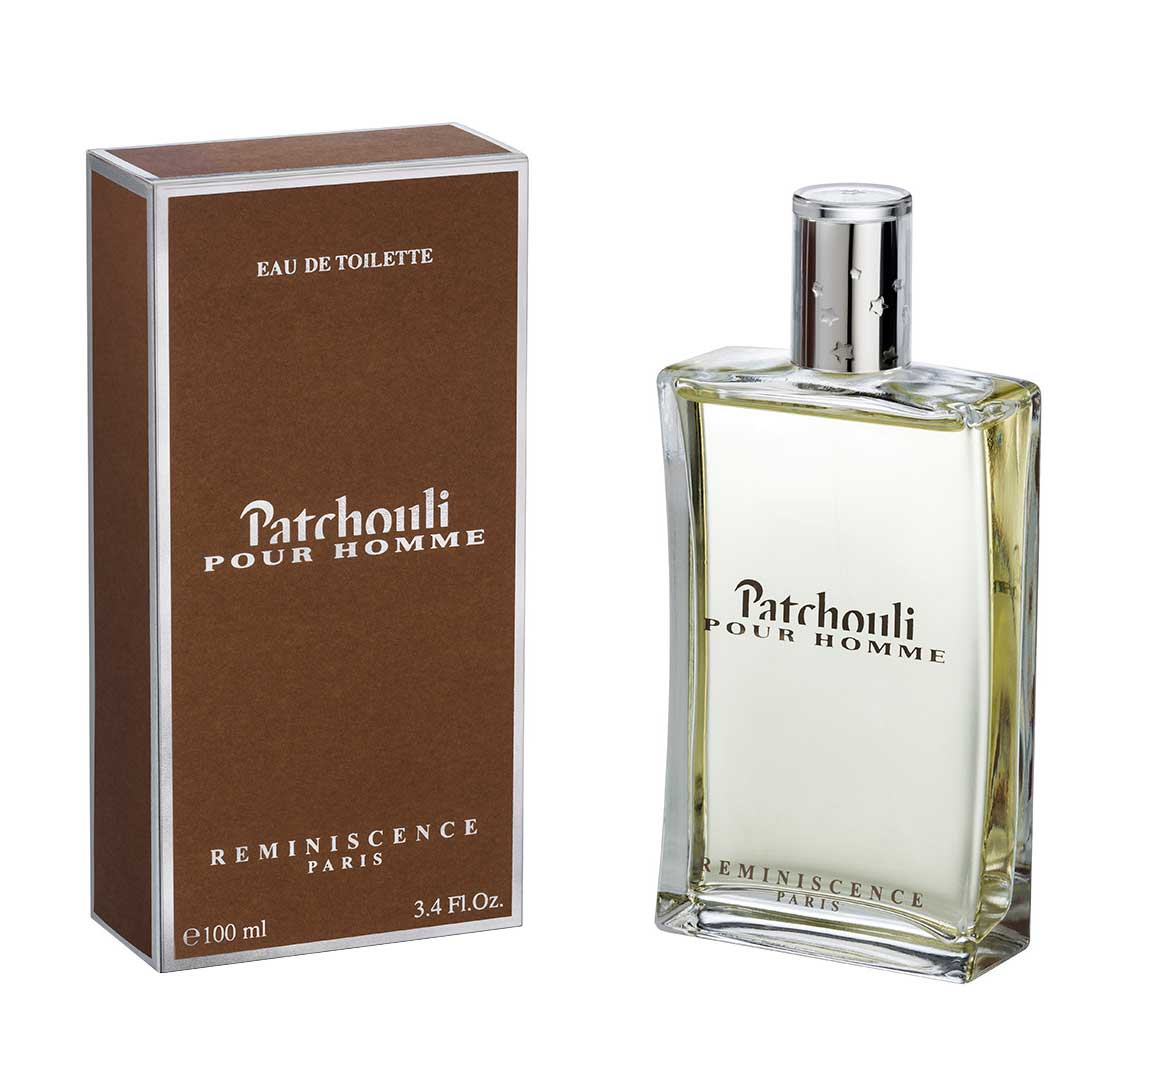 patchouli pour homme reminiscence cologne un parfum pour homme 2000. Black Bedroom Furniture Sets. Home Design Ideas